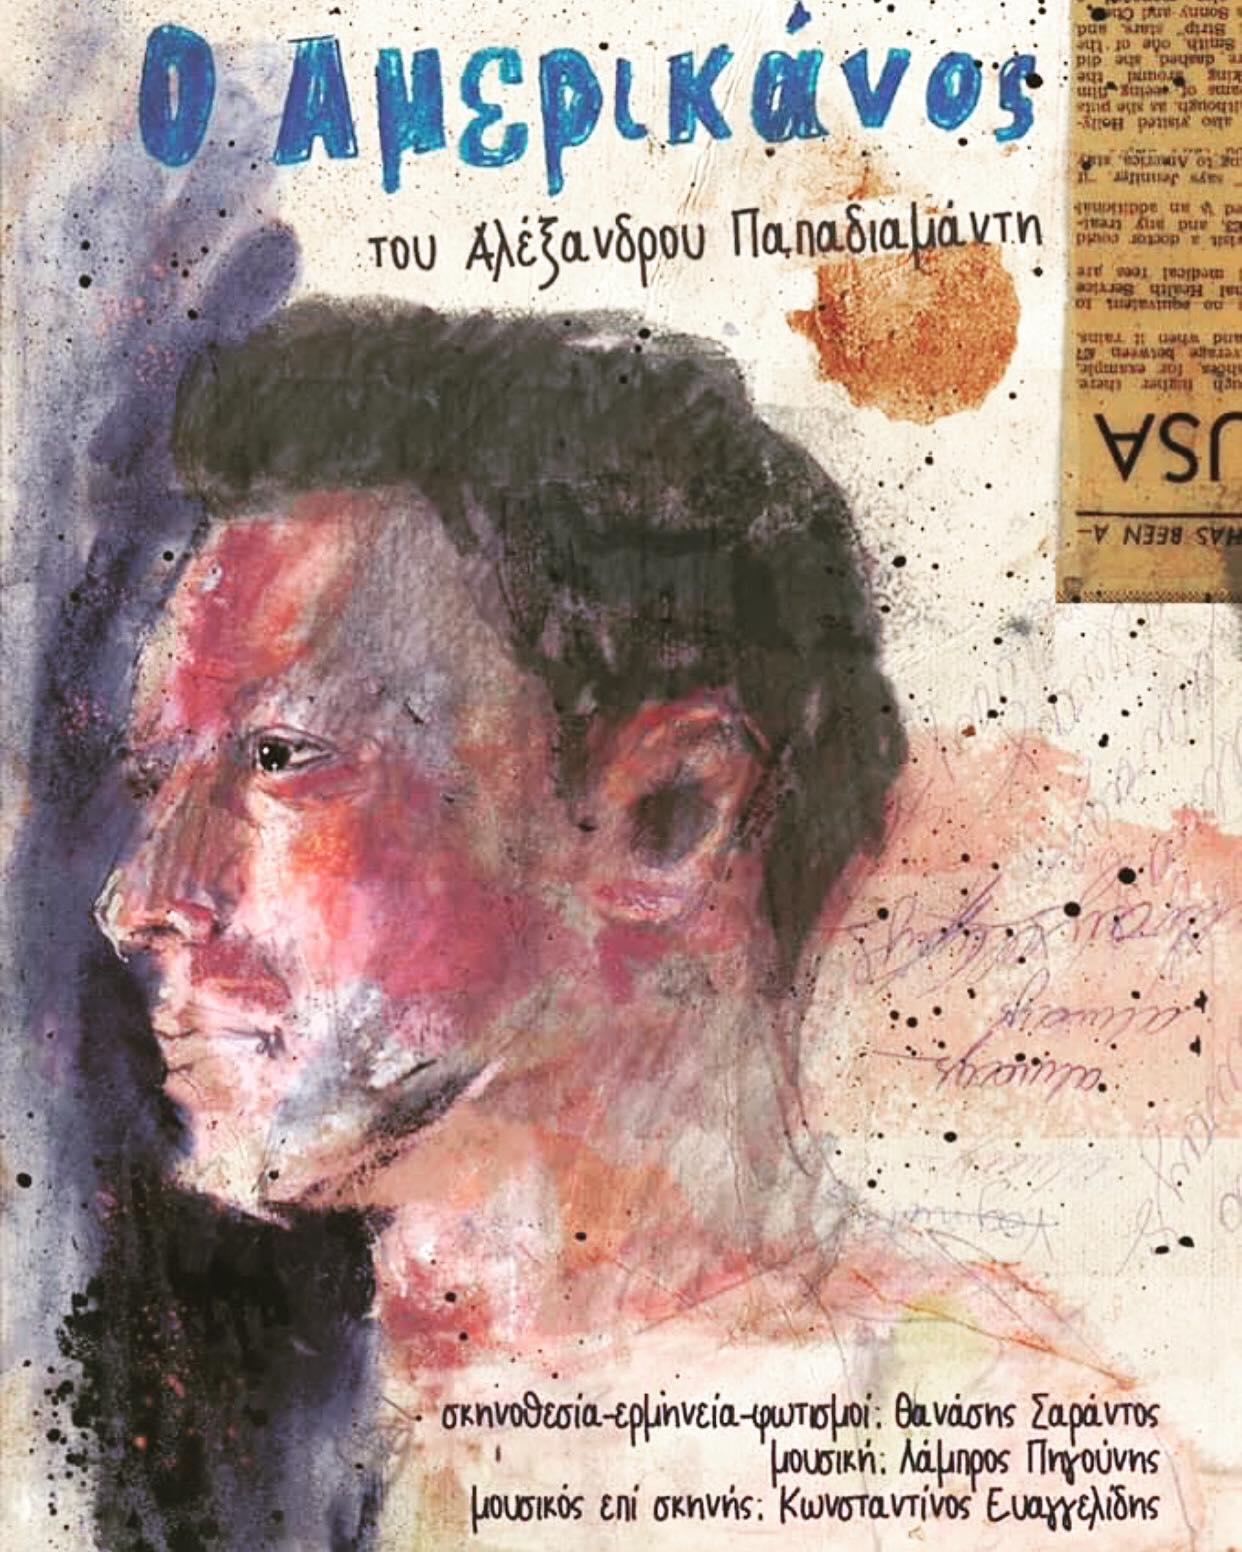 «Ο Αμερικάνος» του Αλέξανδρου Παπαδιαμάντη με τον Θανάση Σαράντο